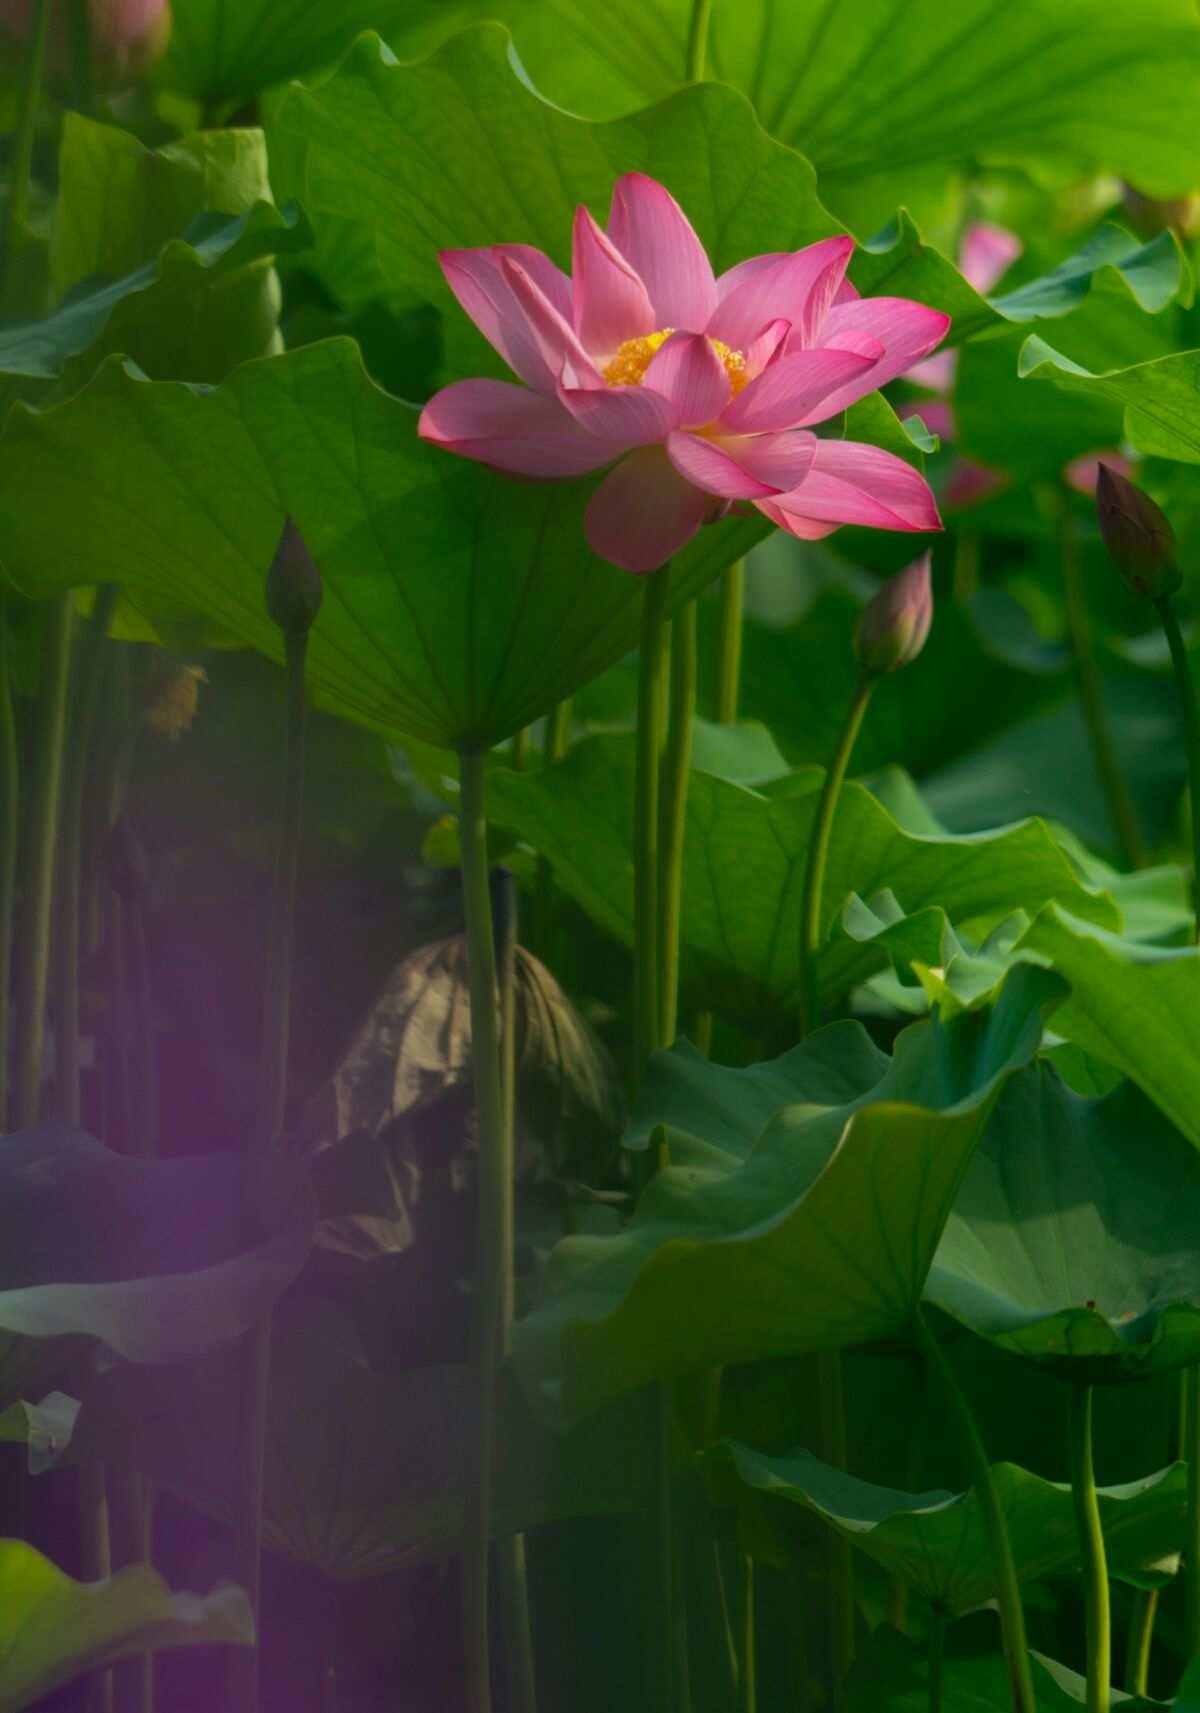 荷花与蜻蜓